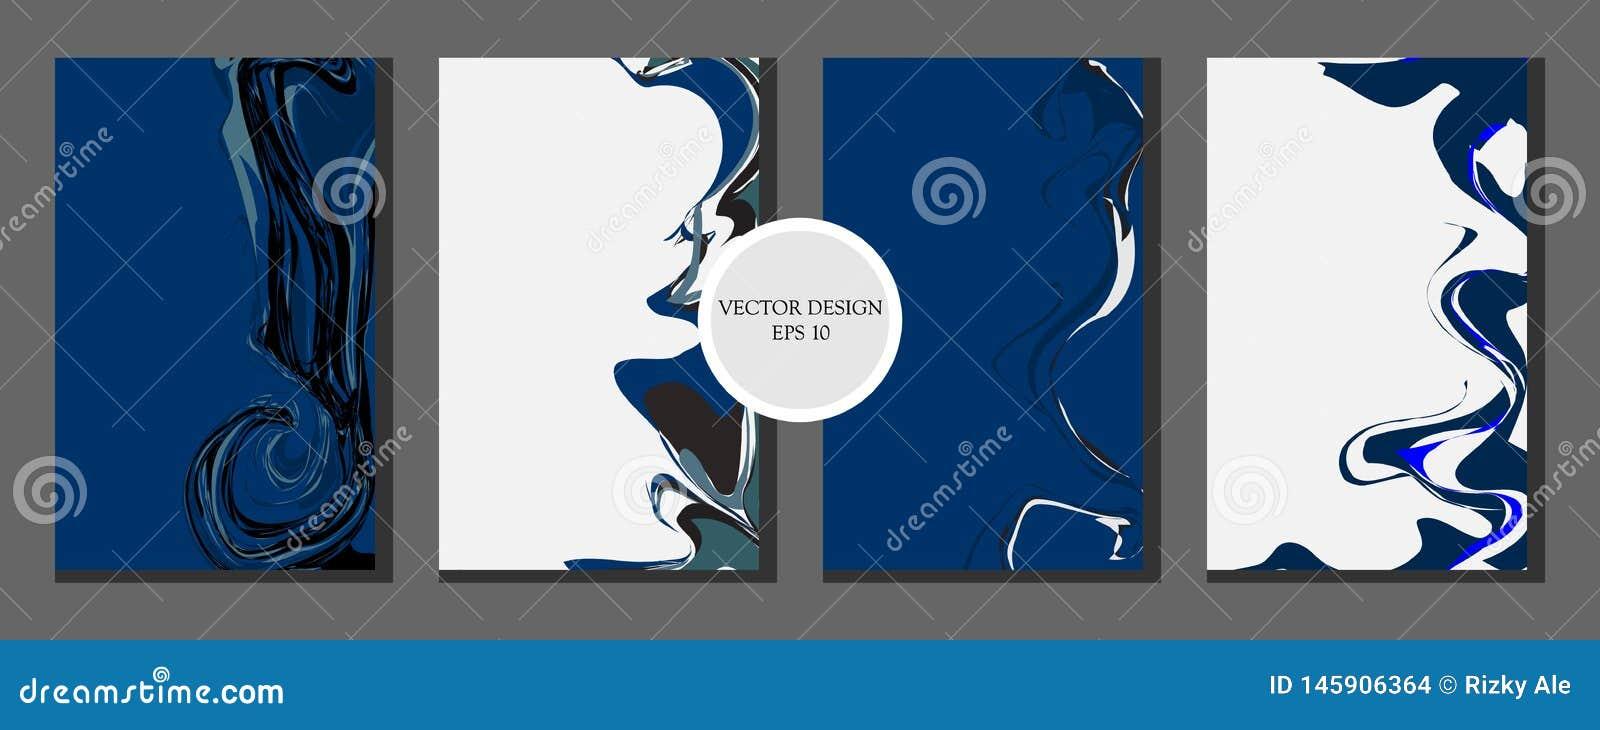 Fl?ssiges Marmorbeschaffenheitsdesign Helle Farbe Bunter abstrakter Aufbau Mischung von Acrylfarben Flüssige Kunst - Vektor